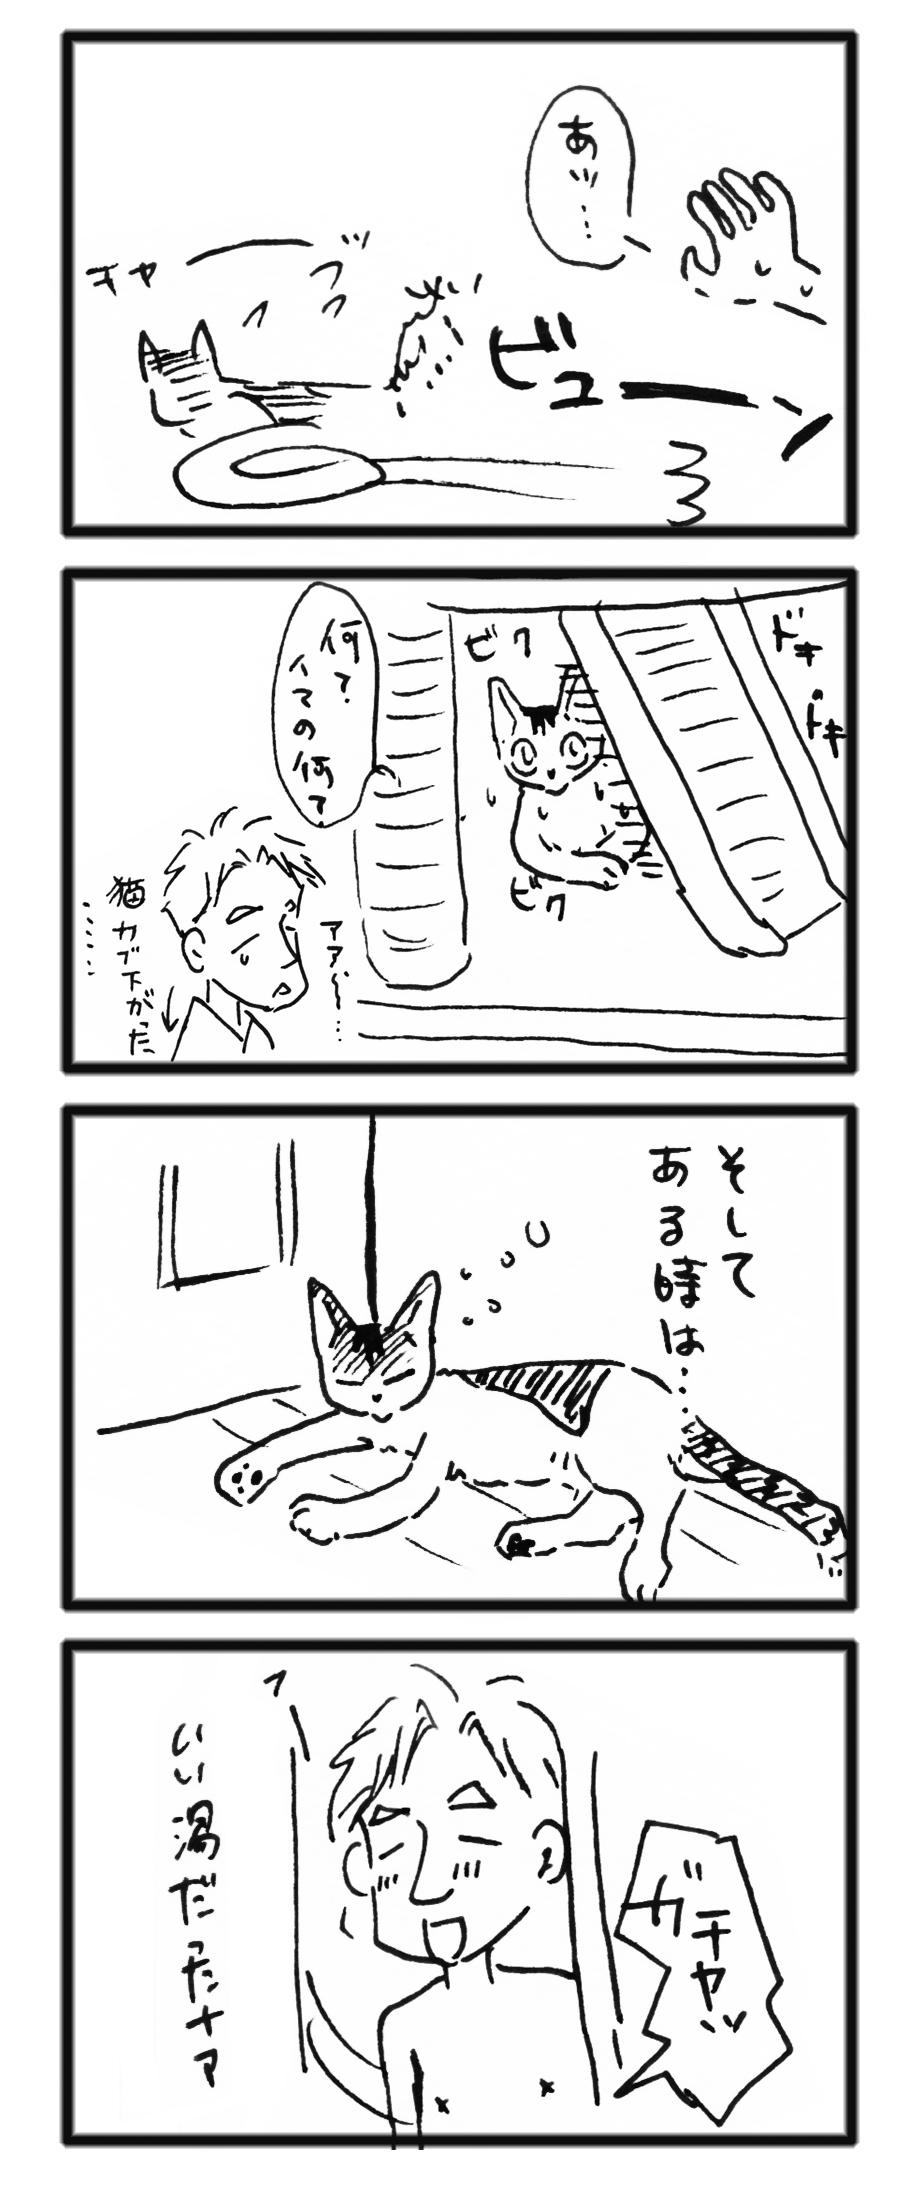 comic_2013101602.jpg